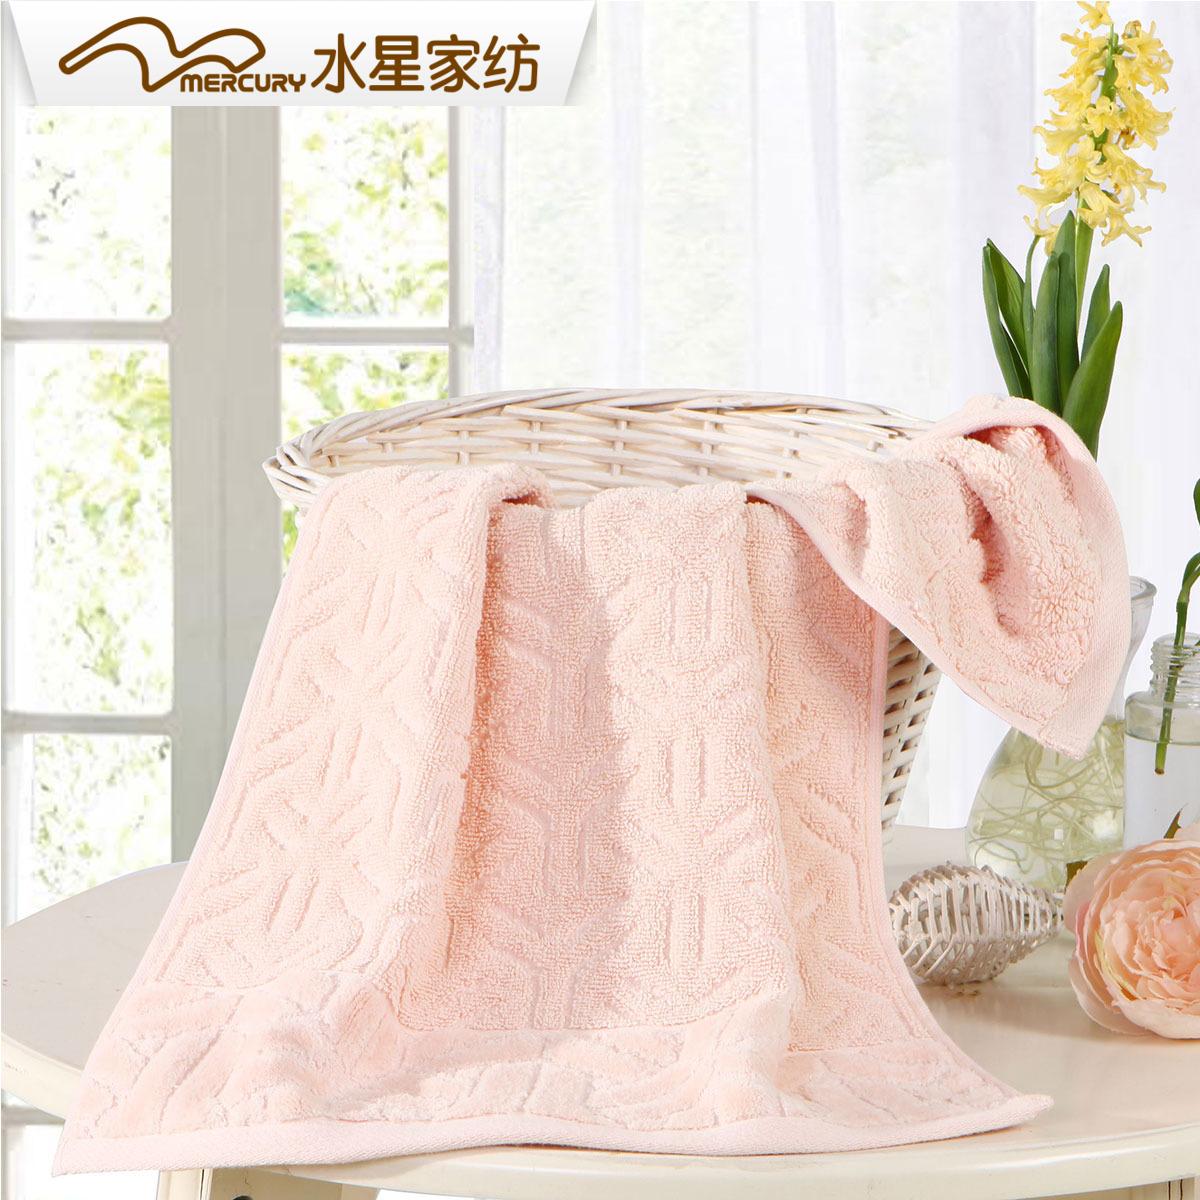 水星家纺纯棉毛巾纯色柔软加厚印度进口全棉提花大毛巾一条伊尔玟